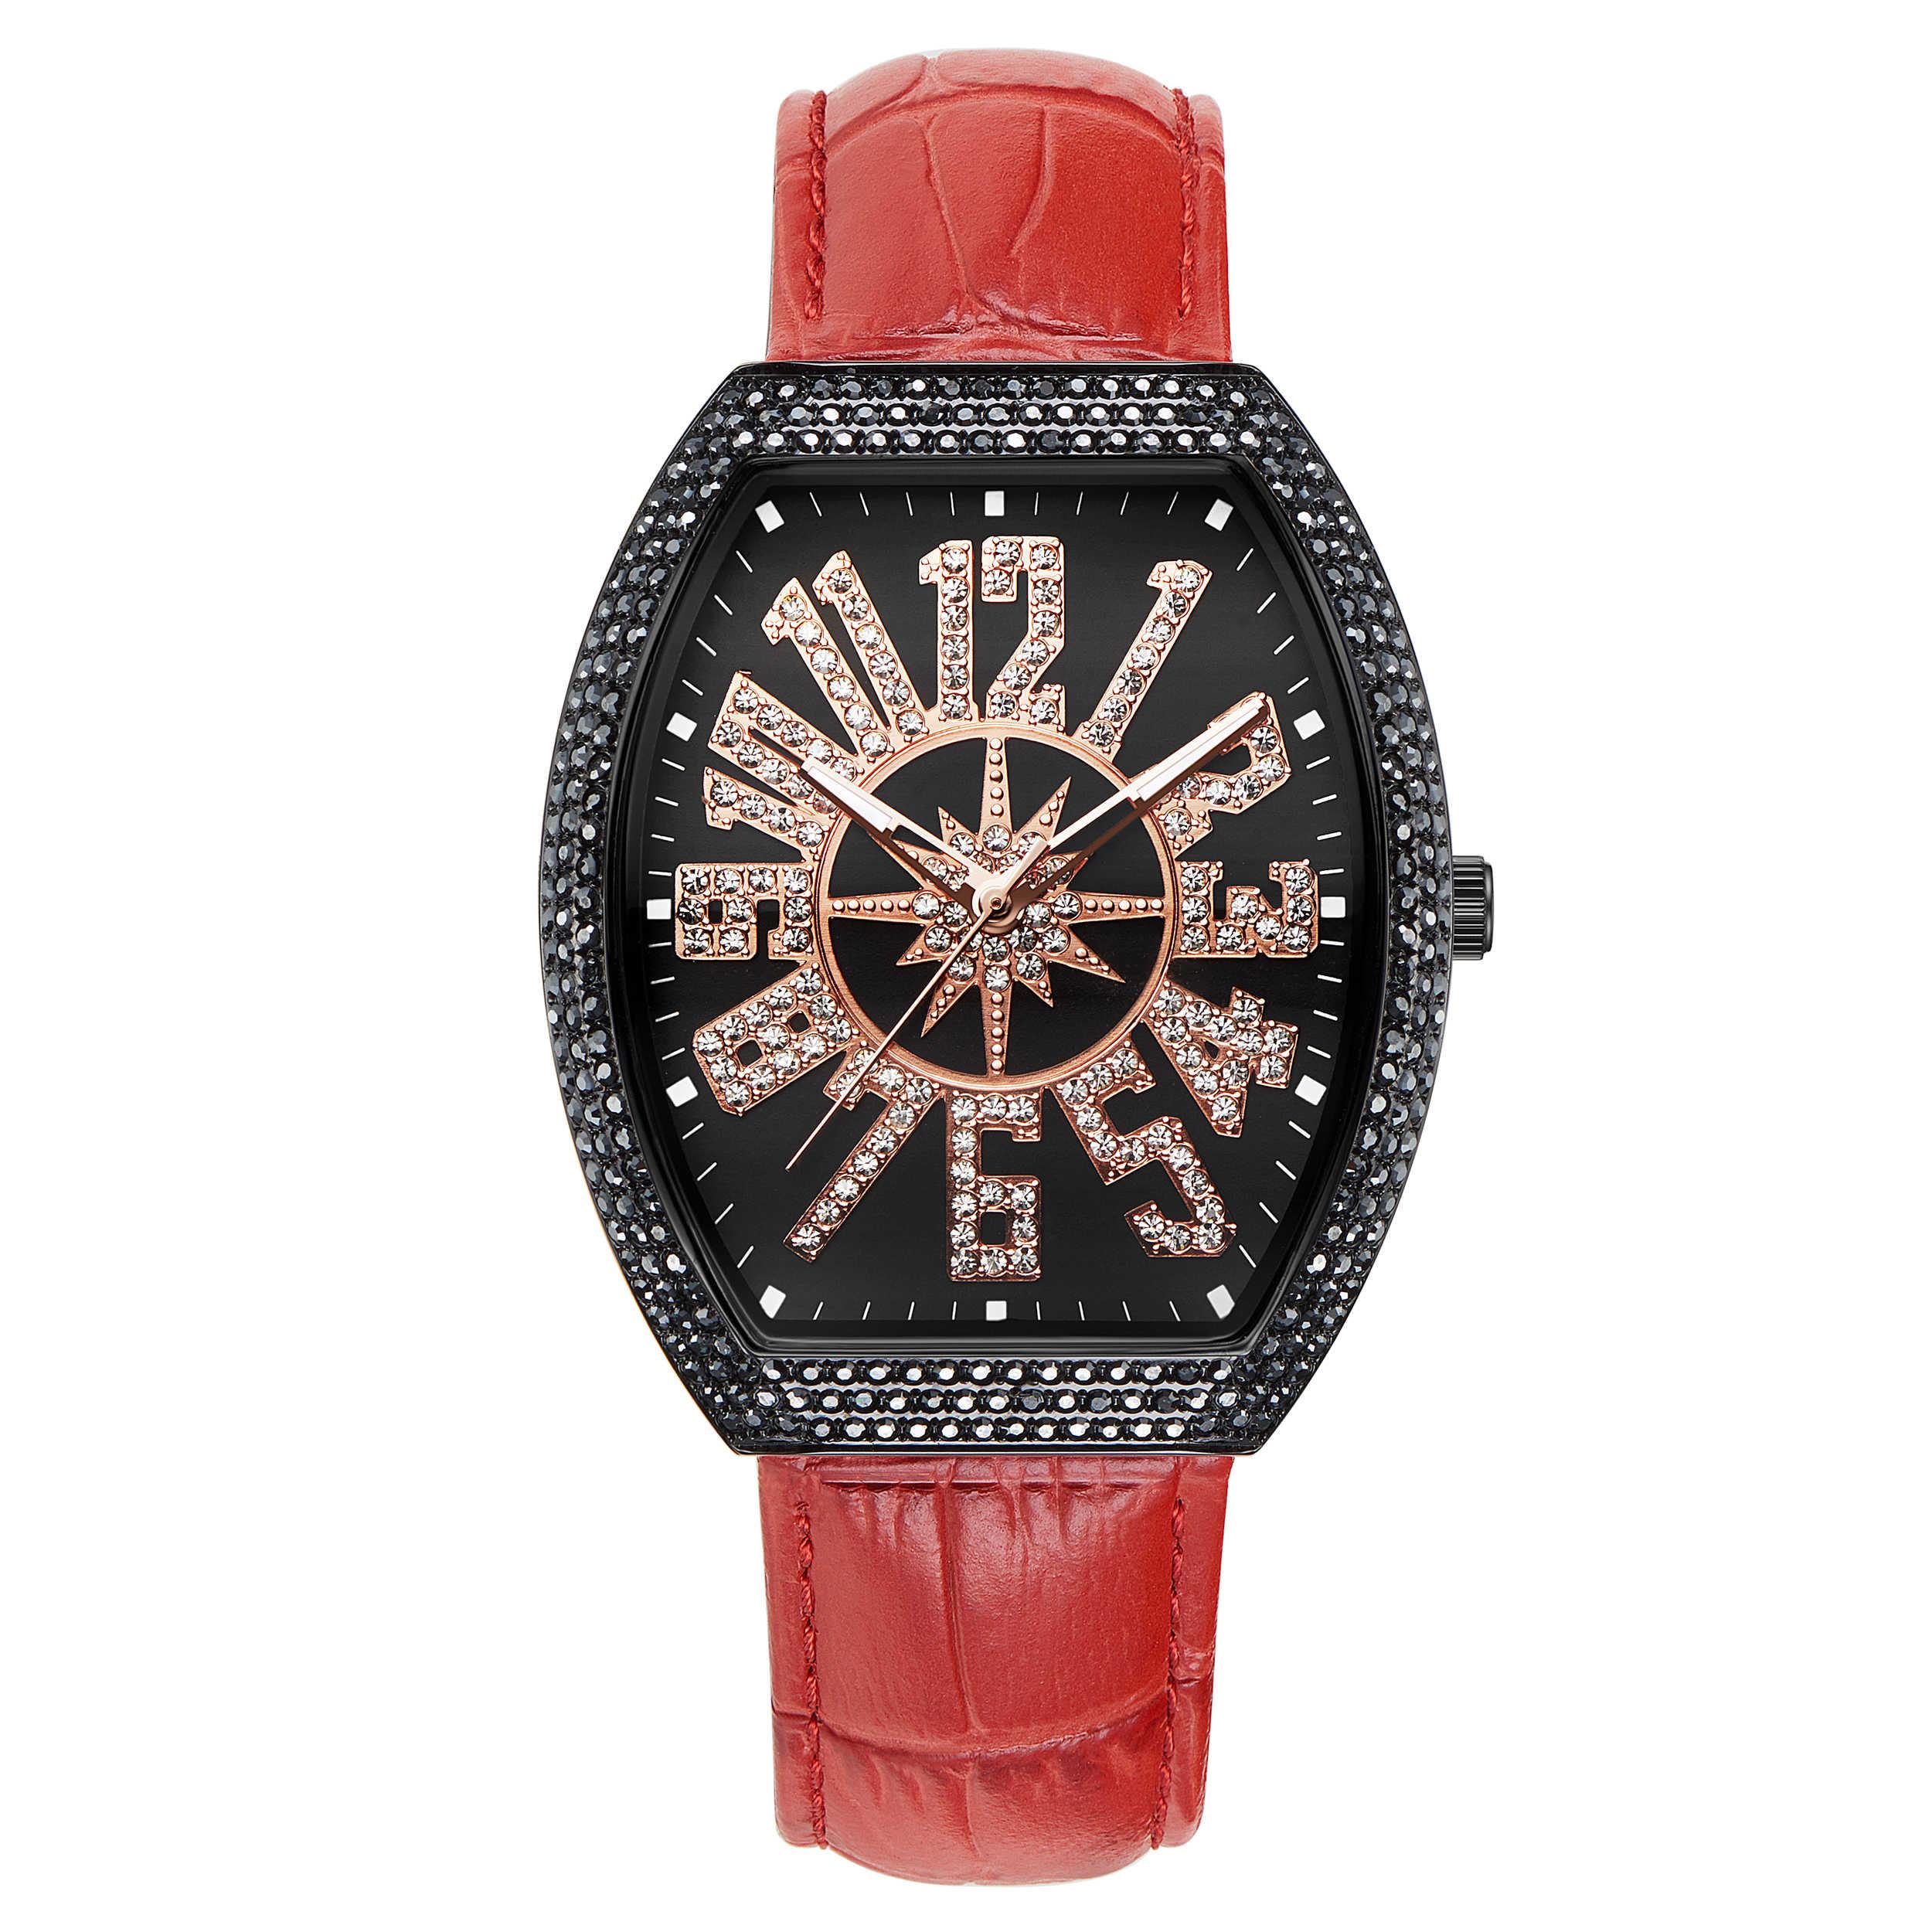 67/5000 Davena ใหม่ติฮัวนา Keg แฟชั่นนาฬิกาสุภาพสตรีนาฬิกาผู้ชายนาฬิกาขนาดใหญ่นาฬิกากันน้ำเข็มขัดหนัง FAS